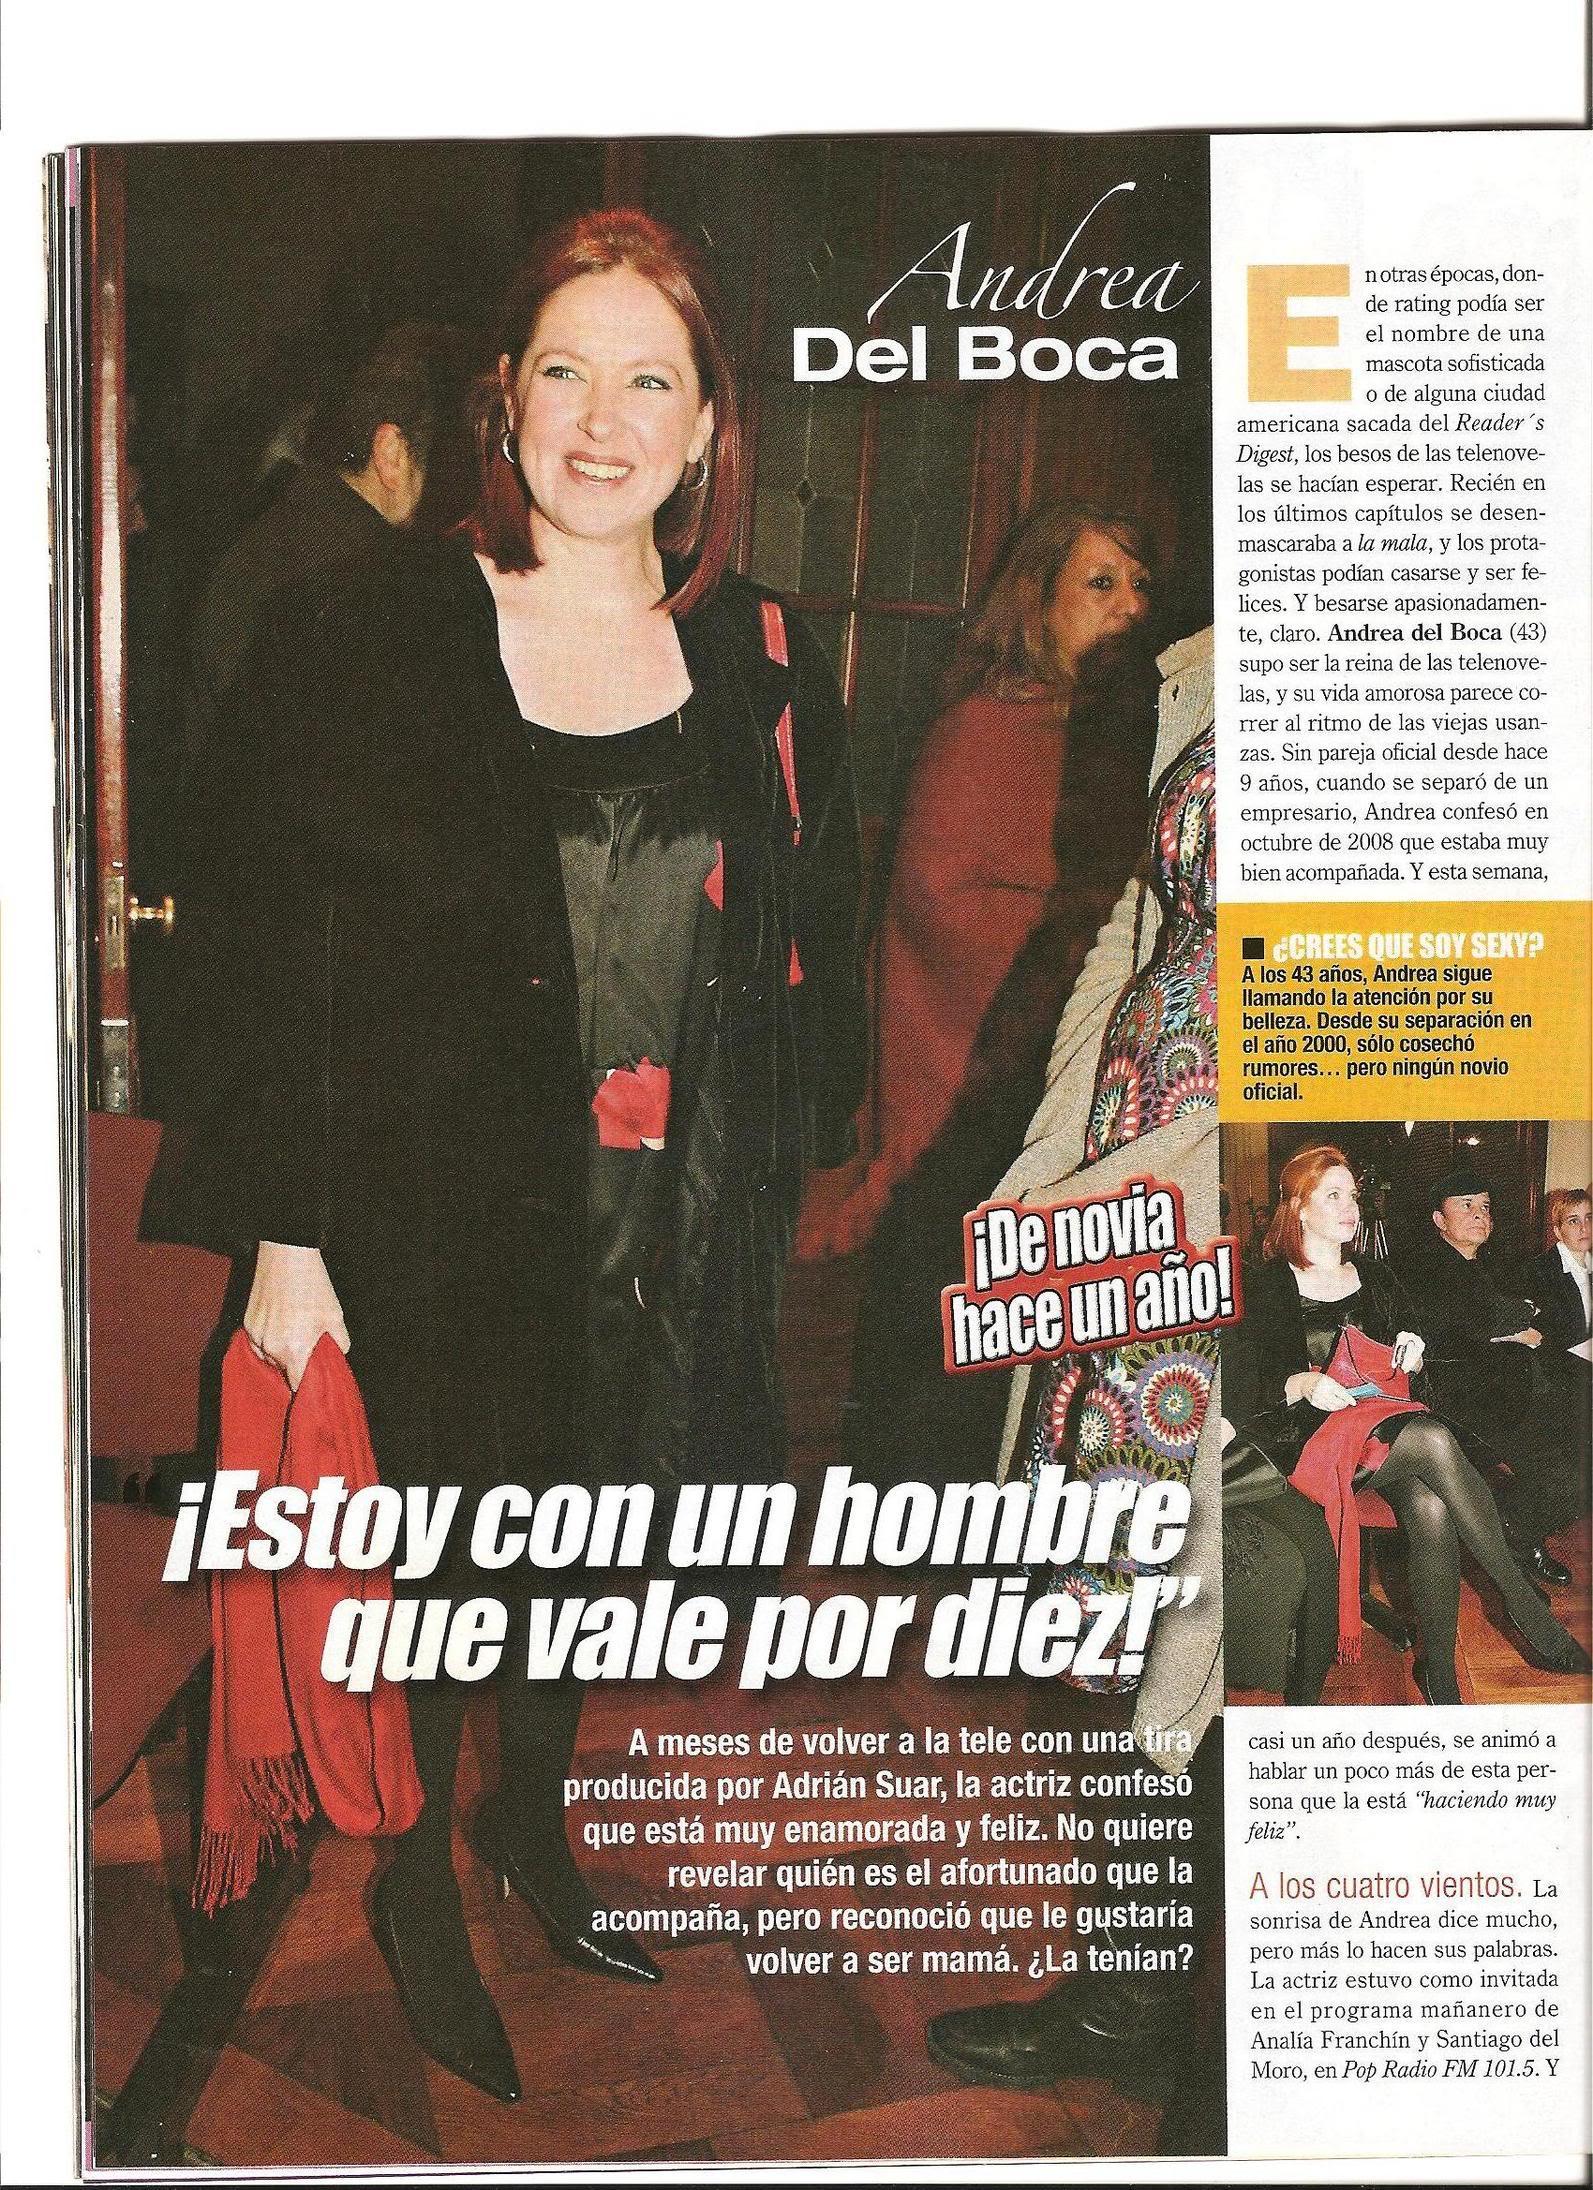 Andrea en revistas (agosto 2009) Imagen006